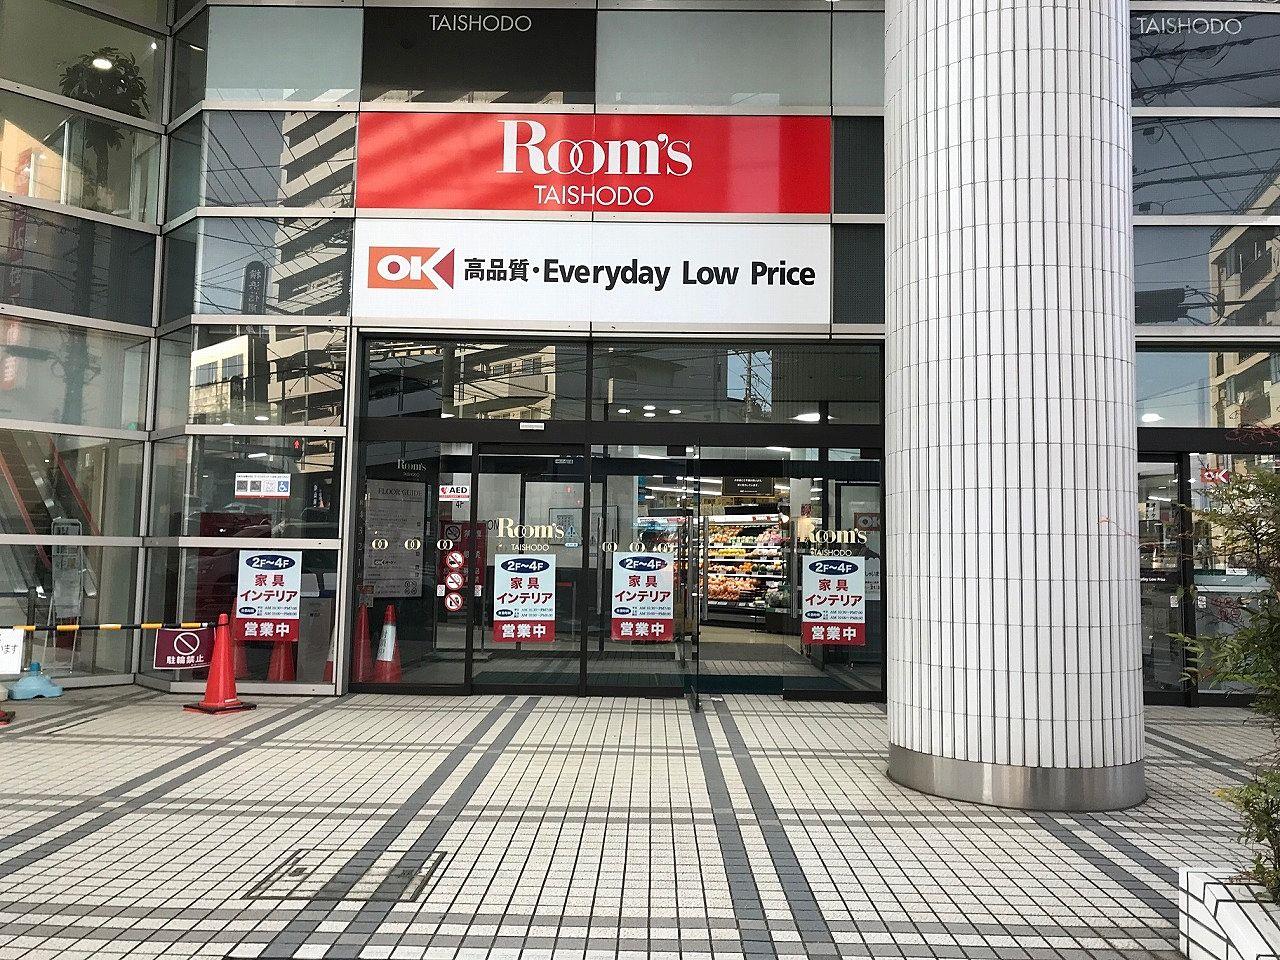 ディスカウント・スーパーマーケット オーケーあざみ野店の外観・入口 OKストア